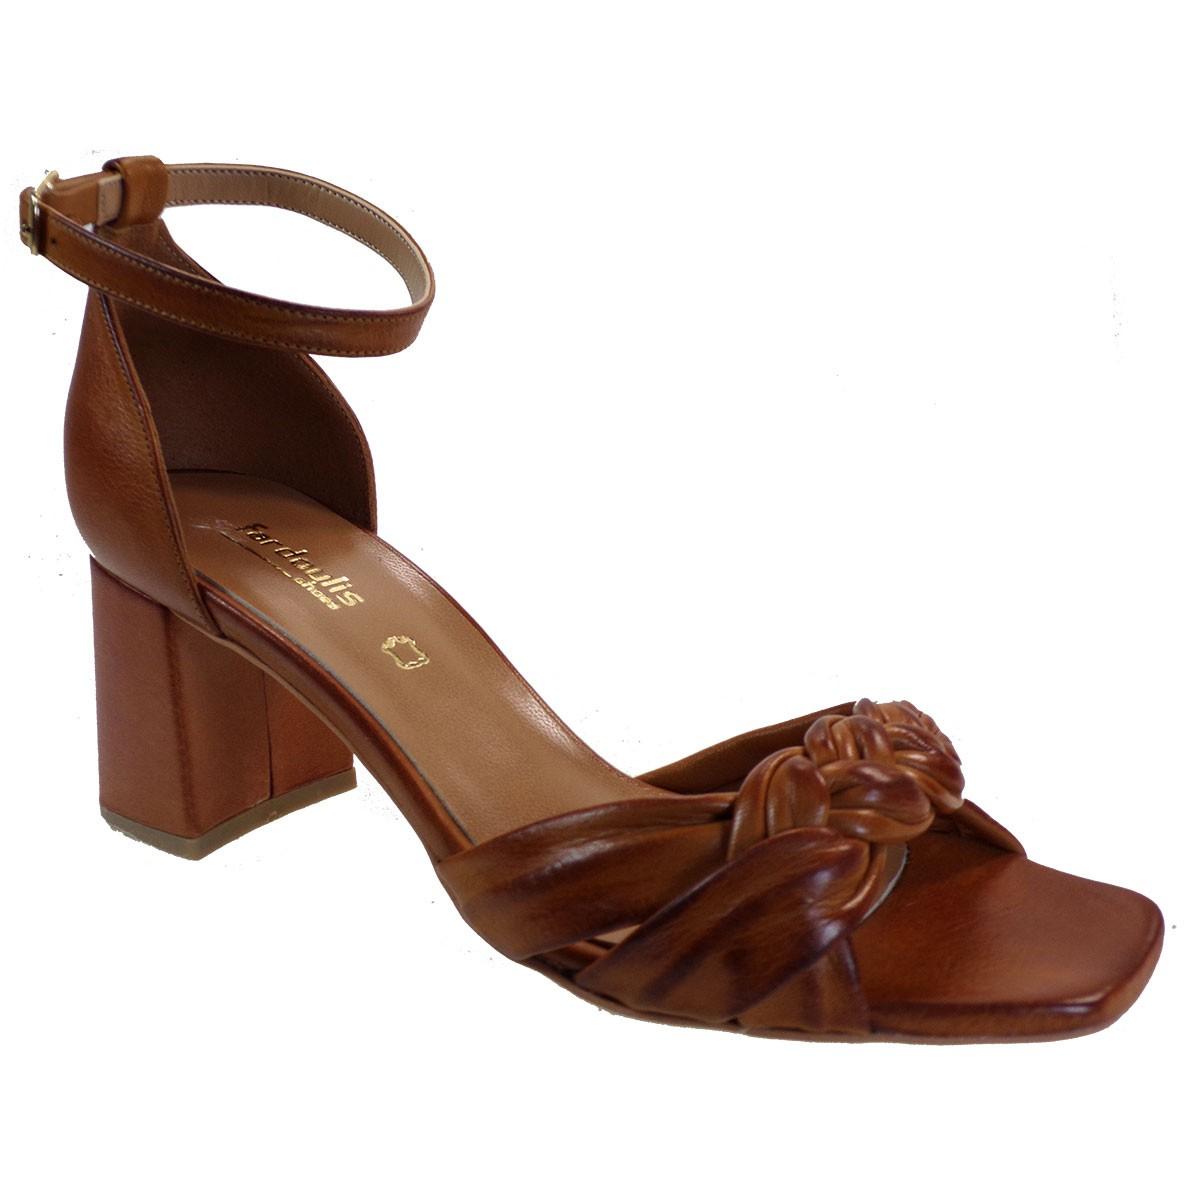 Fardoulis shoes Γυναικεία Παπούτσια Πέδιλα 609-48Χ Ταμπά Δέρμα